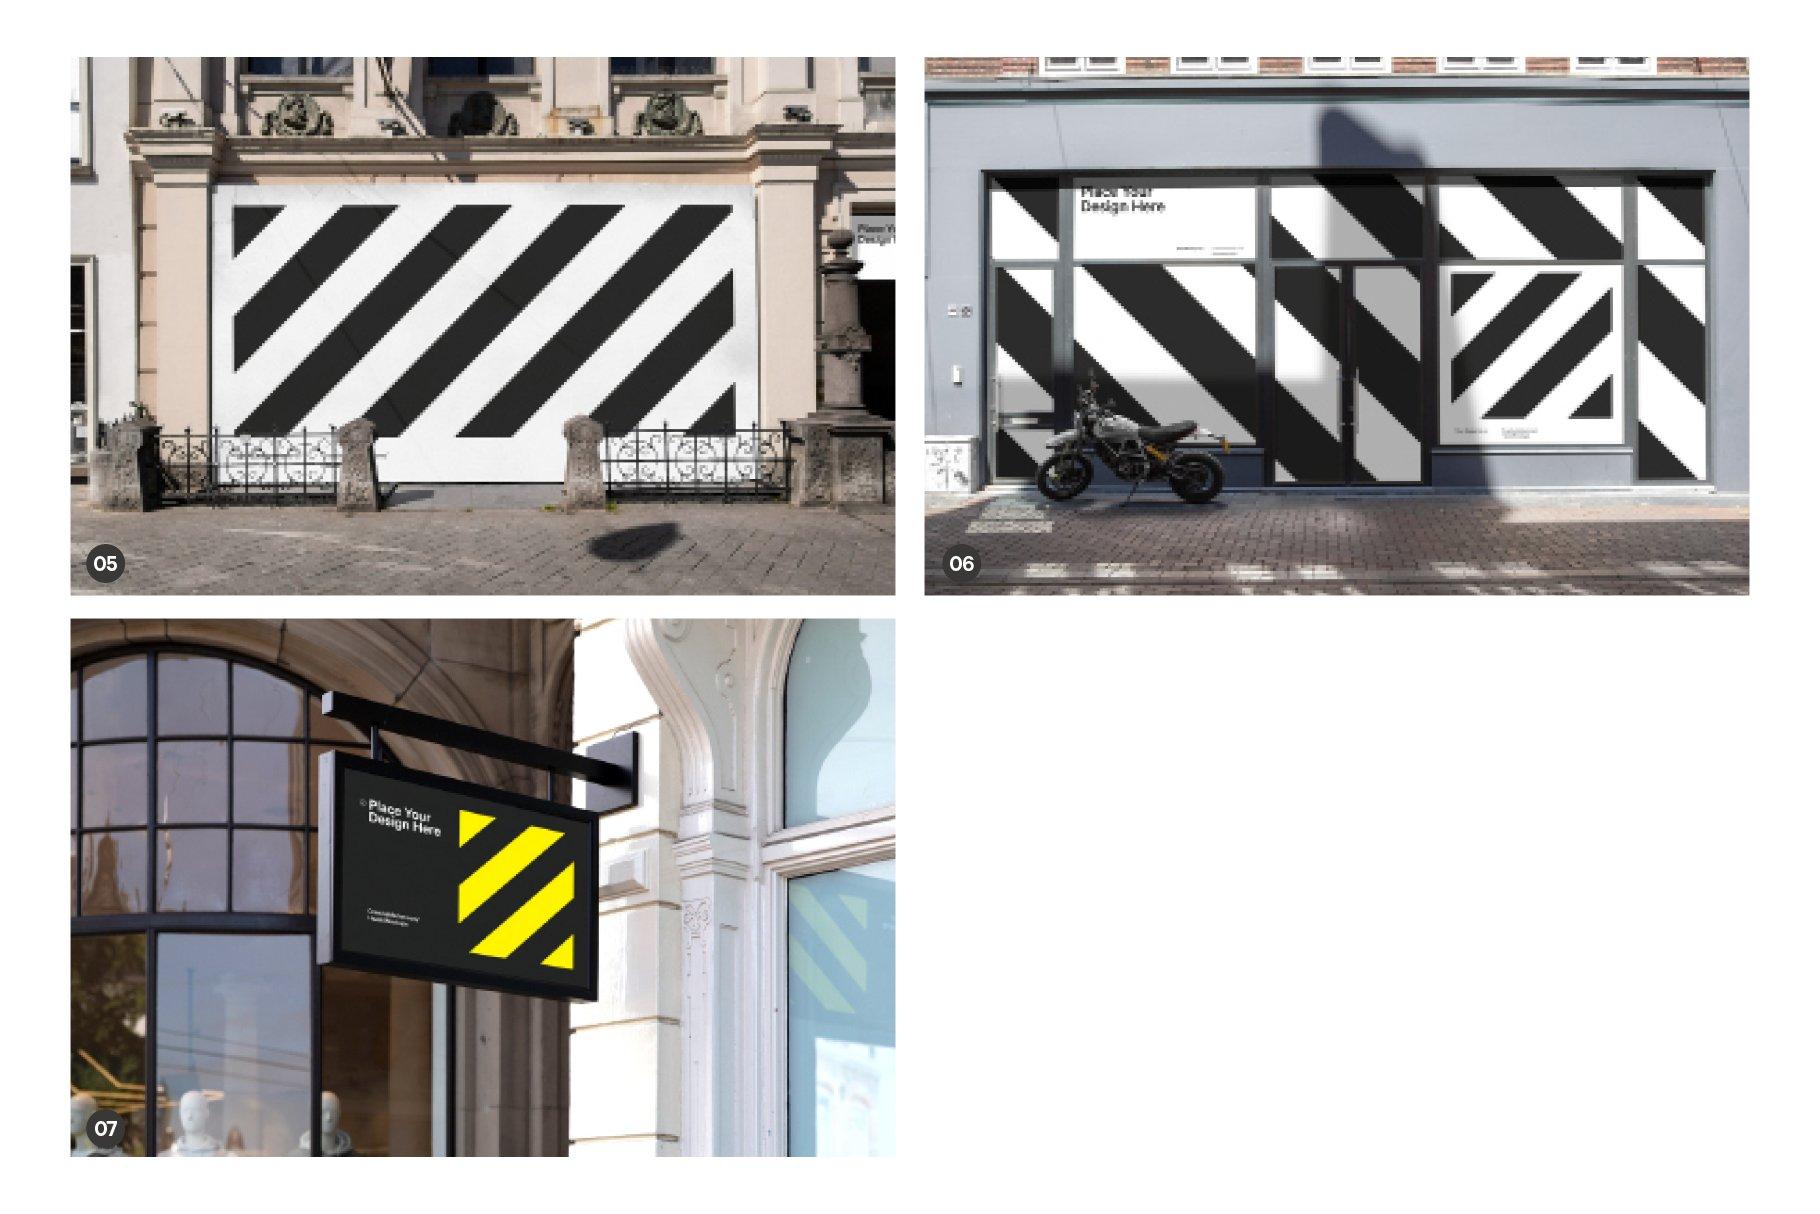 时尚街头店铺外里面橱窗玻璃贴纸广告海报设计展示样机 Shop Facade Mockup Bundle插图2